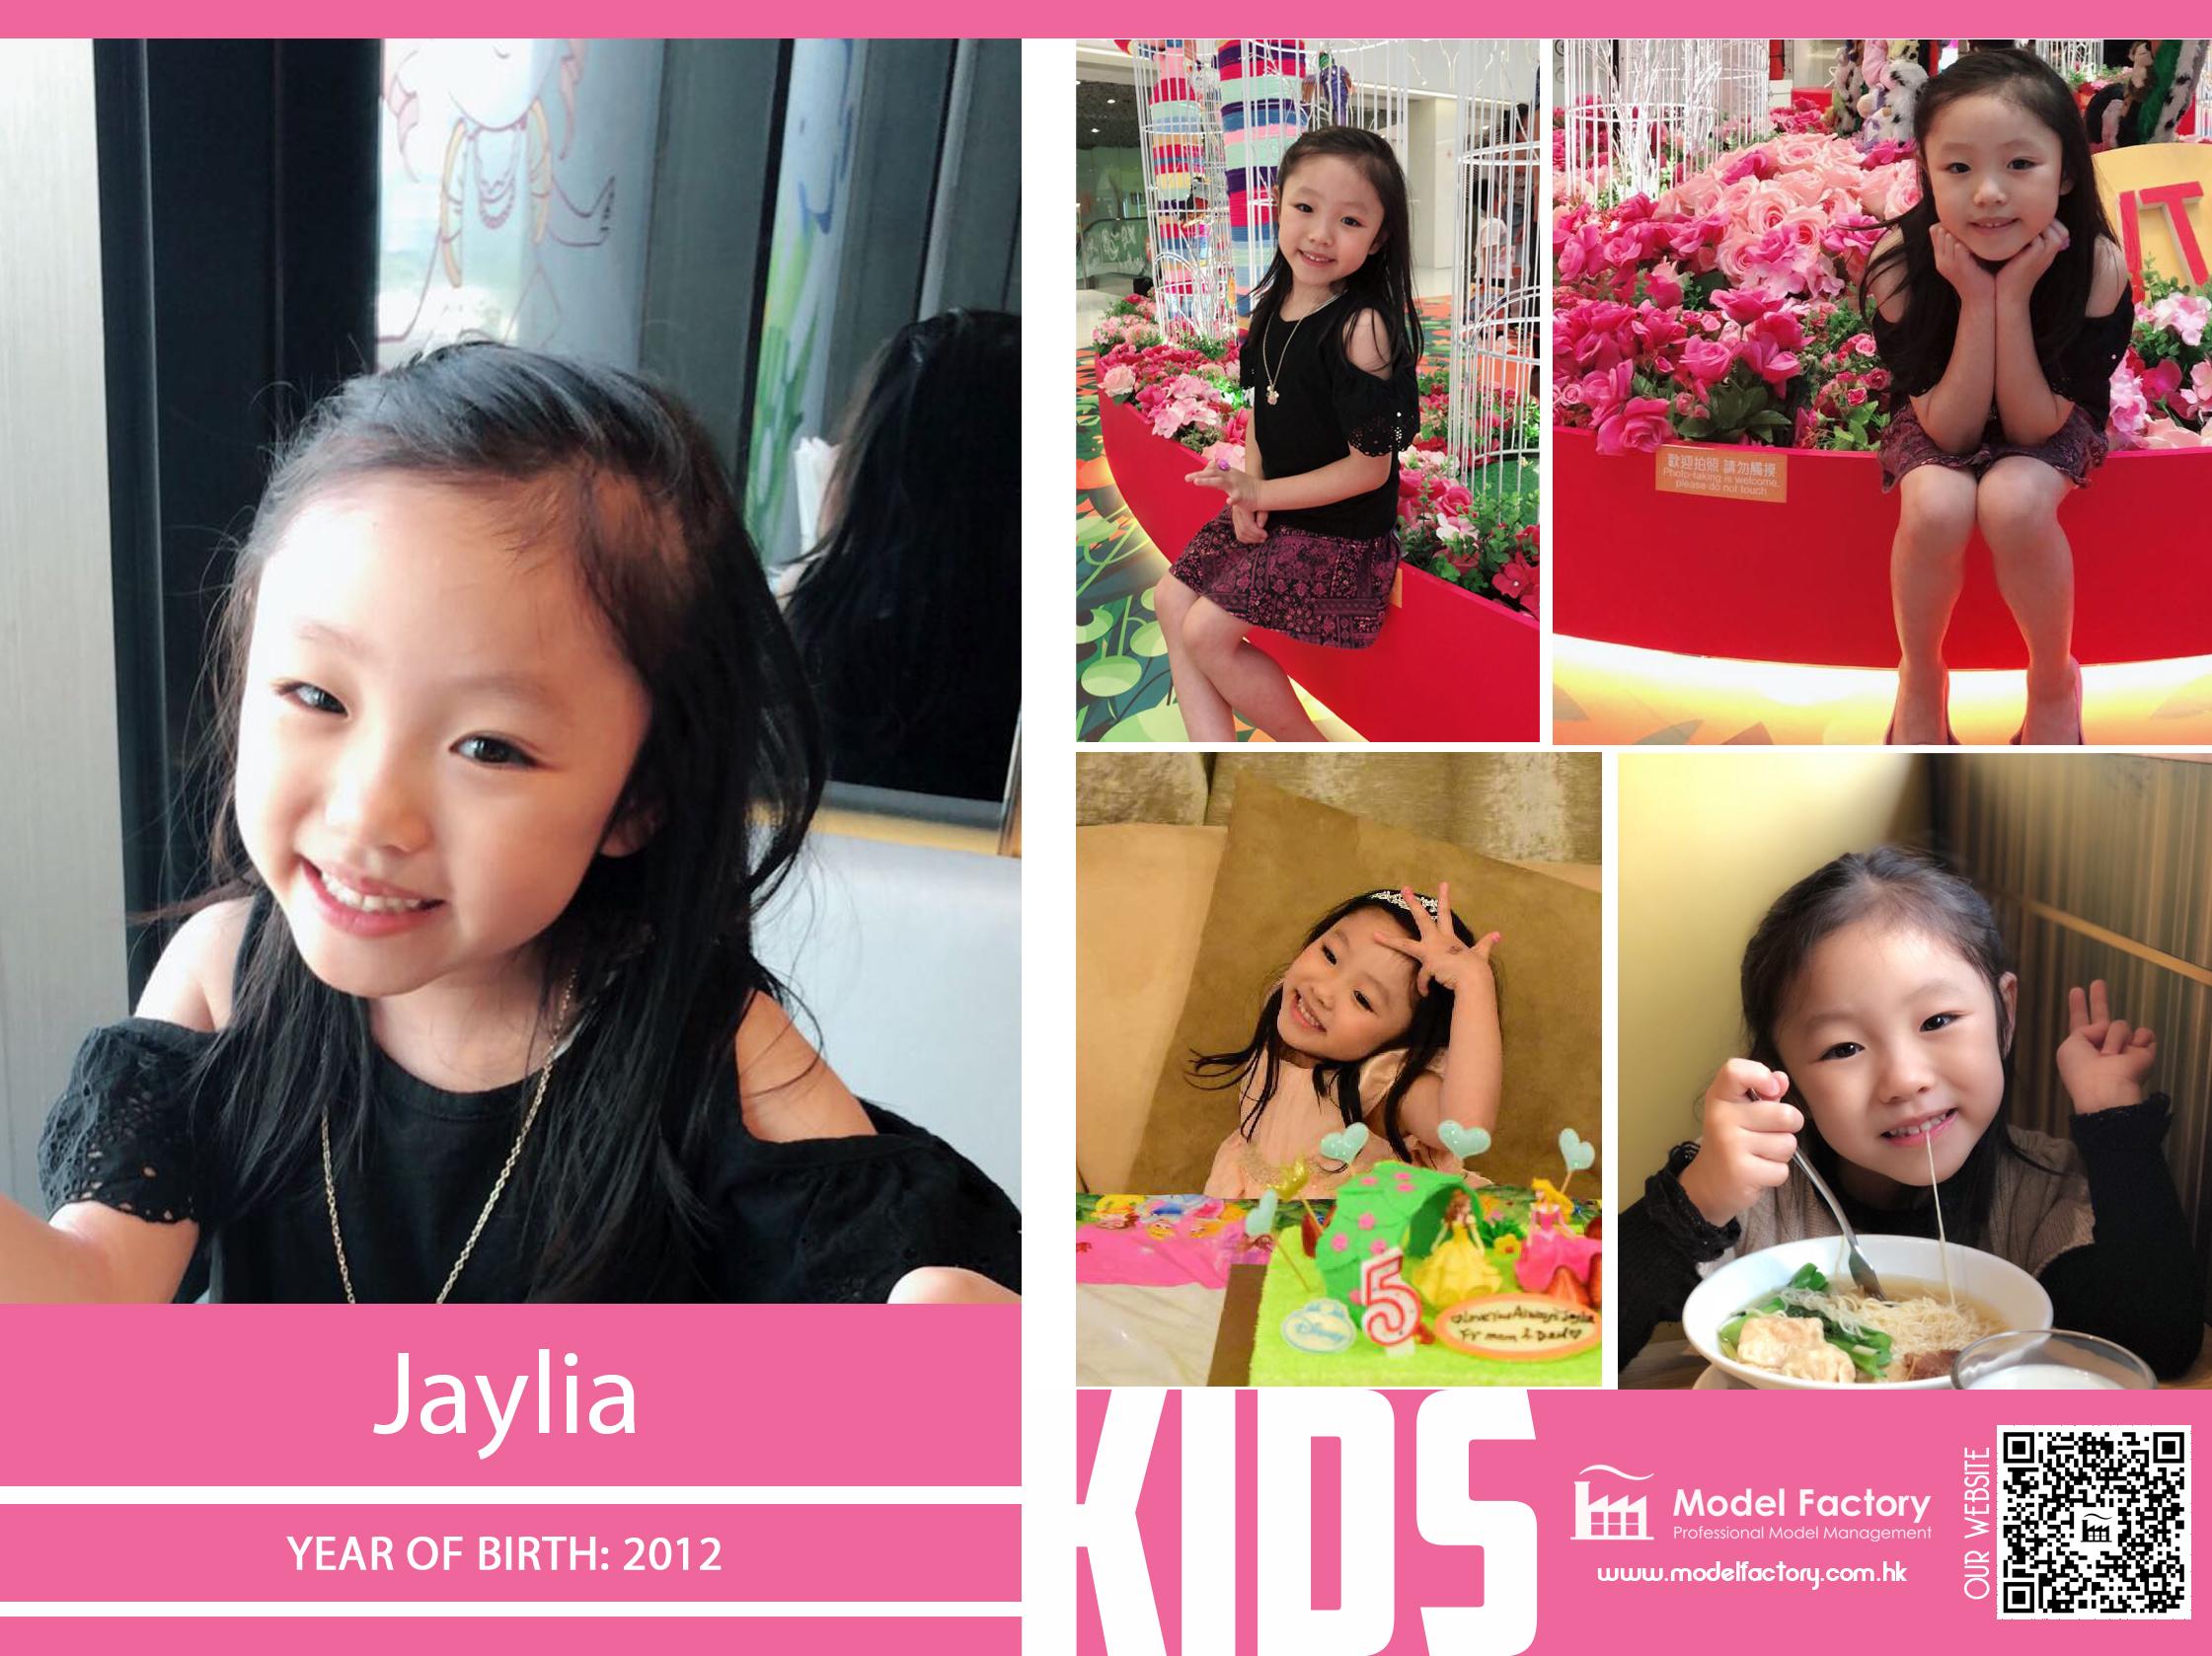 Model Factory Local Kids Model Jaylia